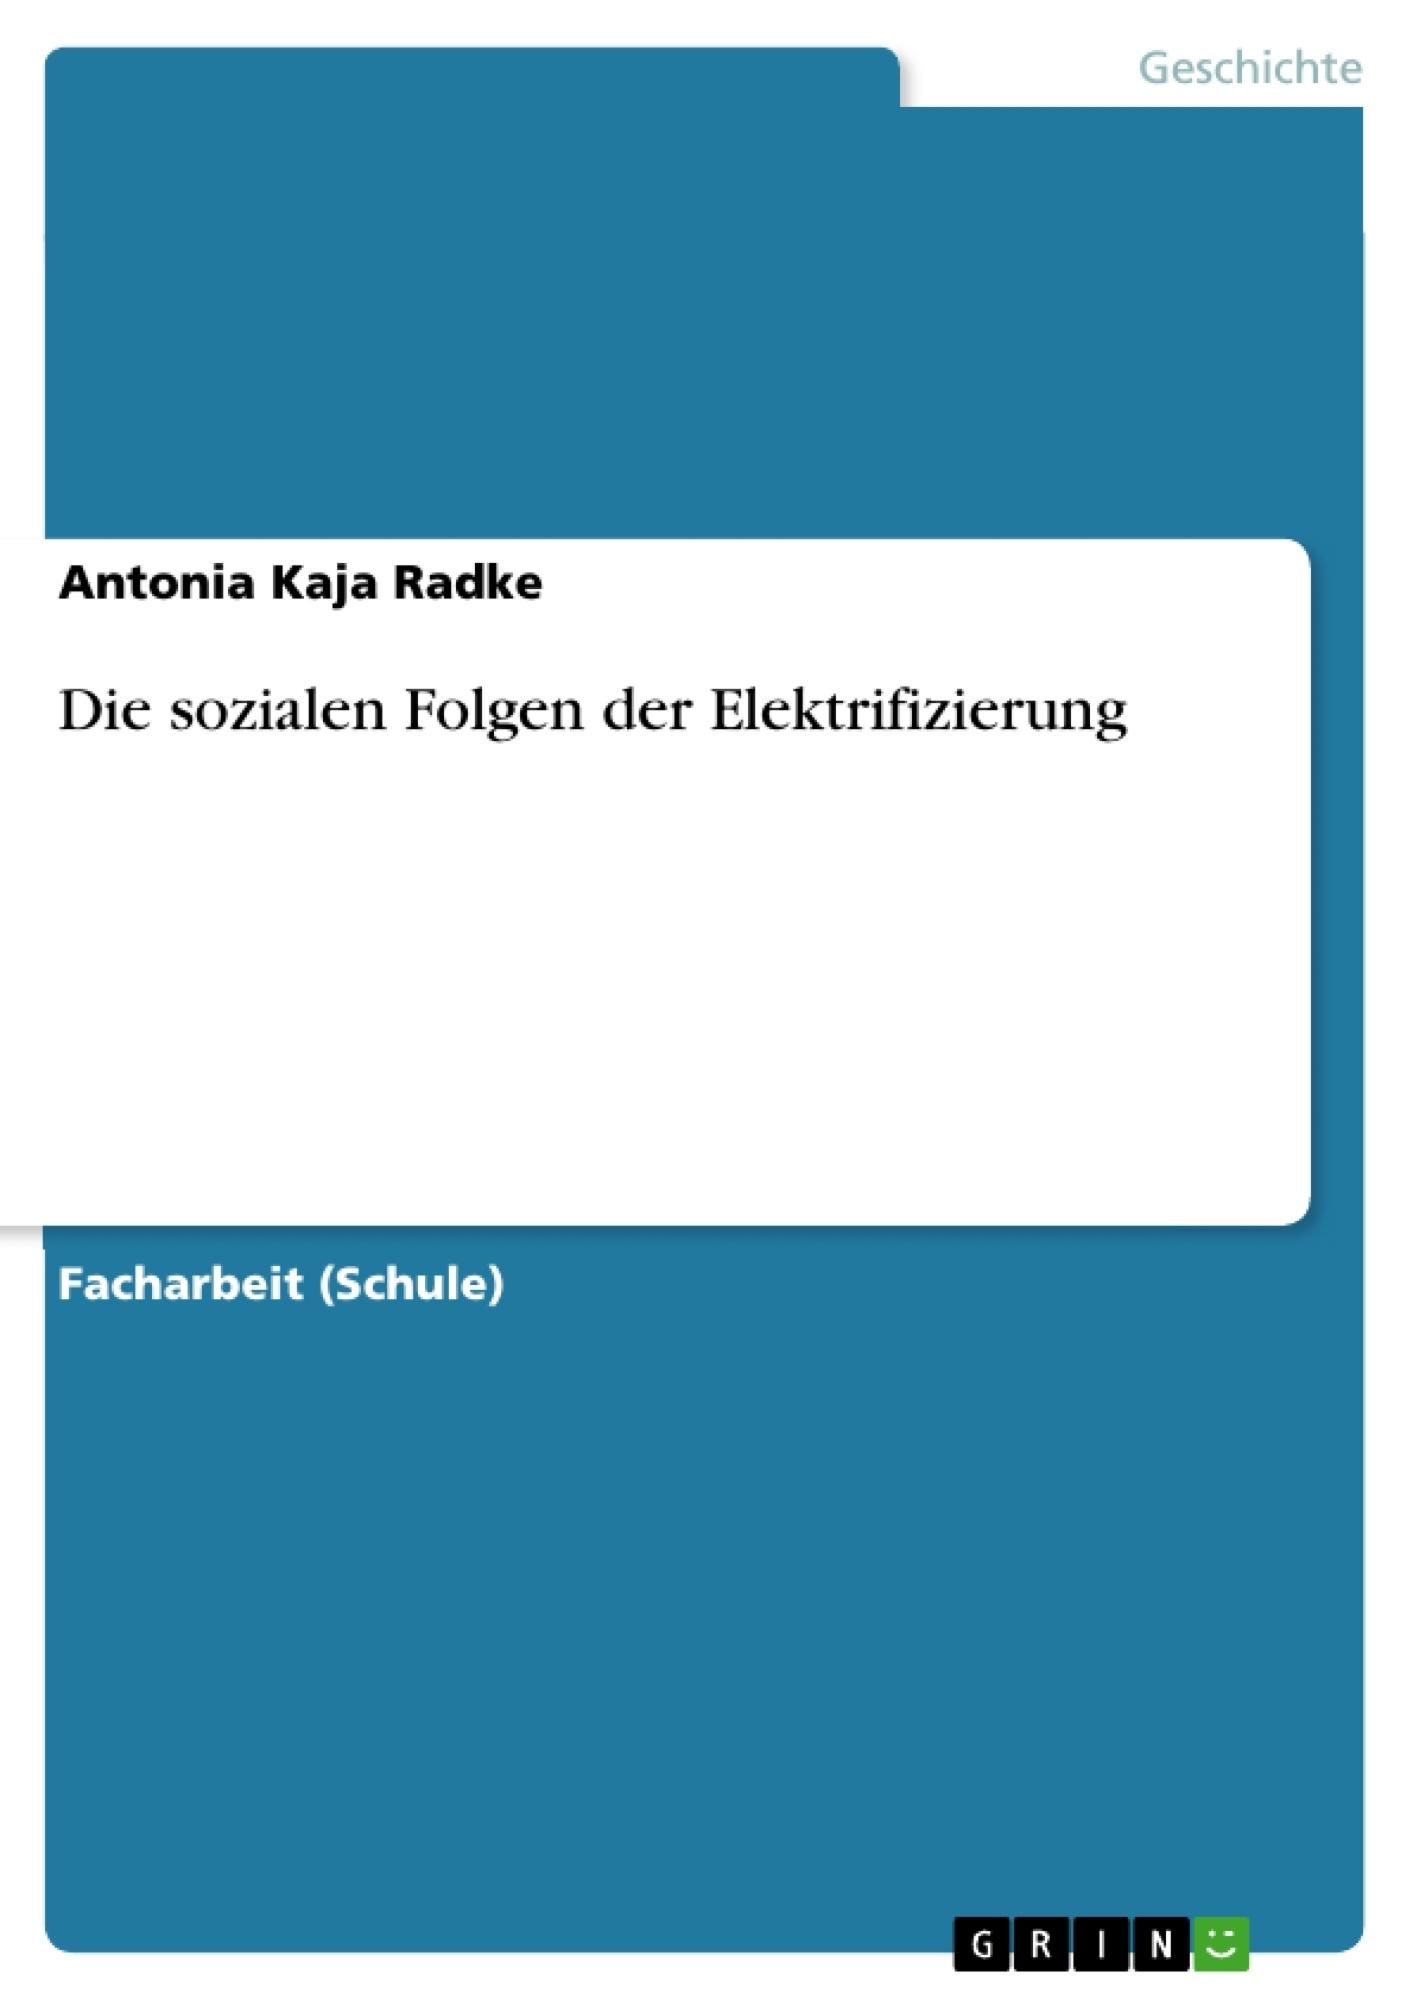 Titel: Die sozialen Folgen der Elektrifizierung